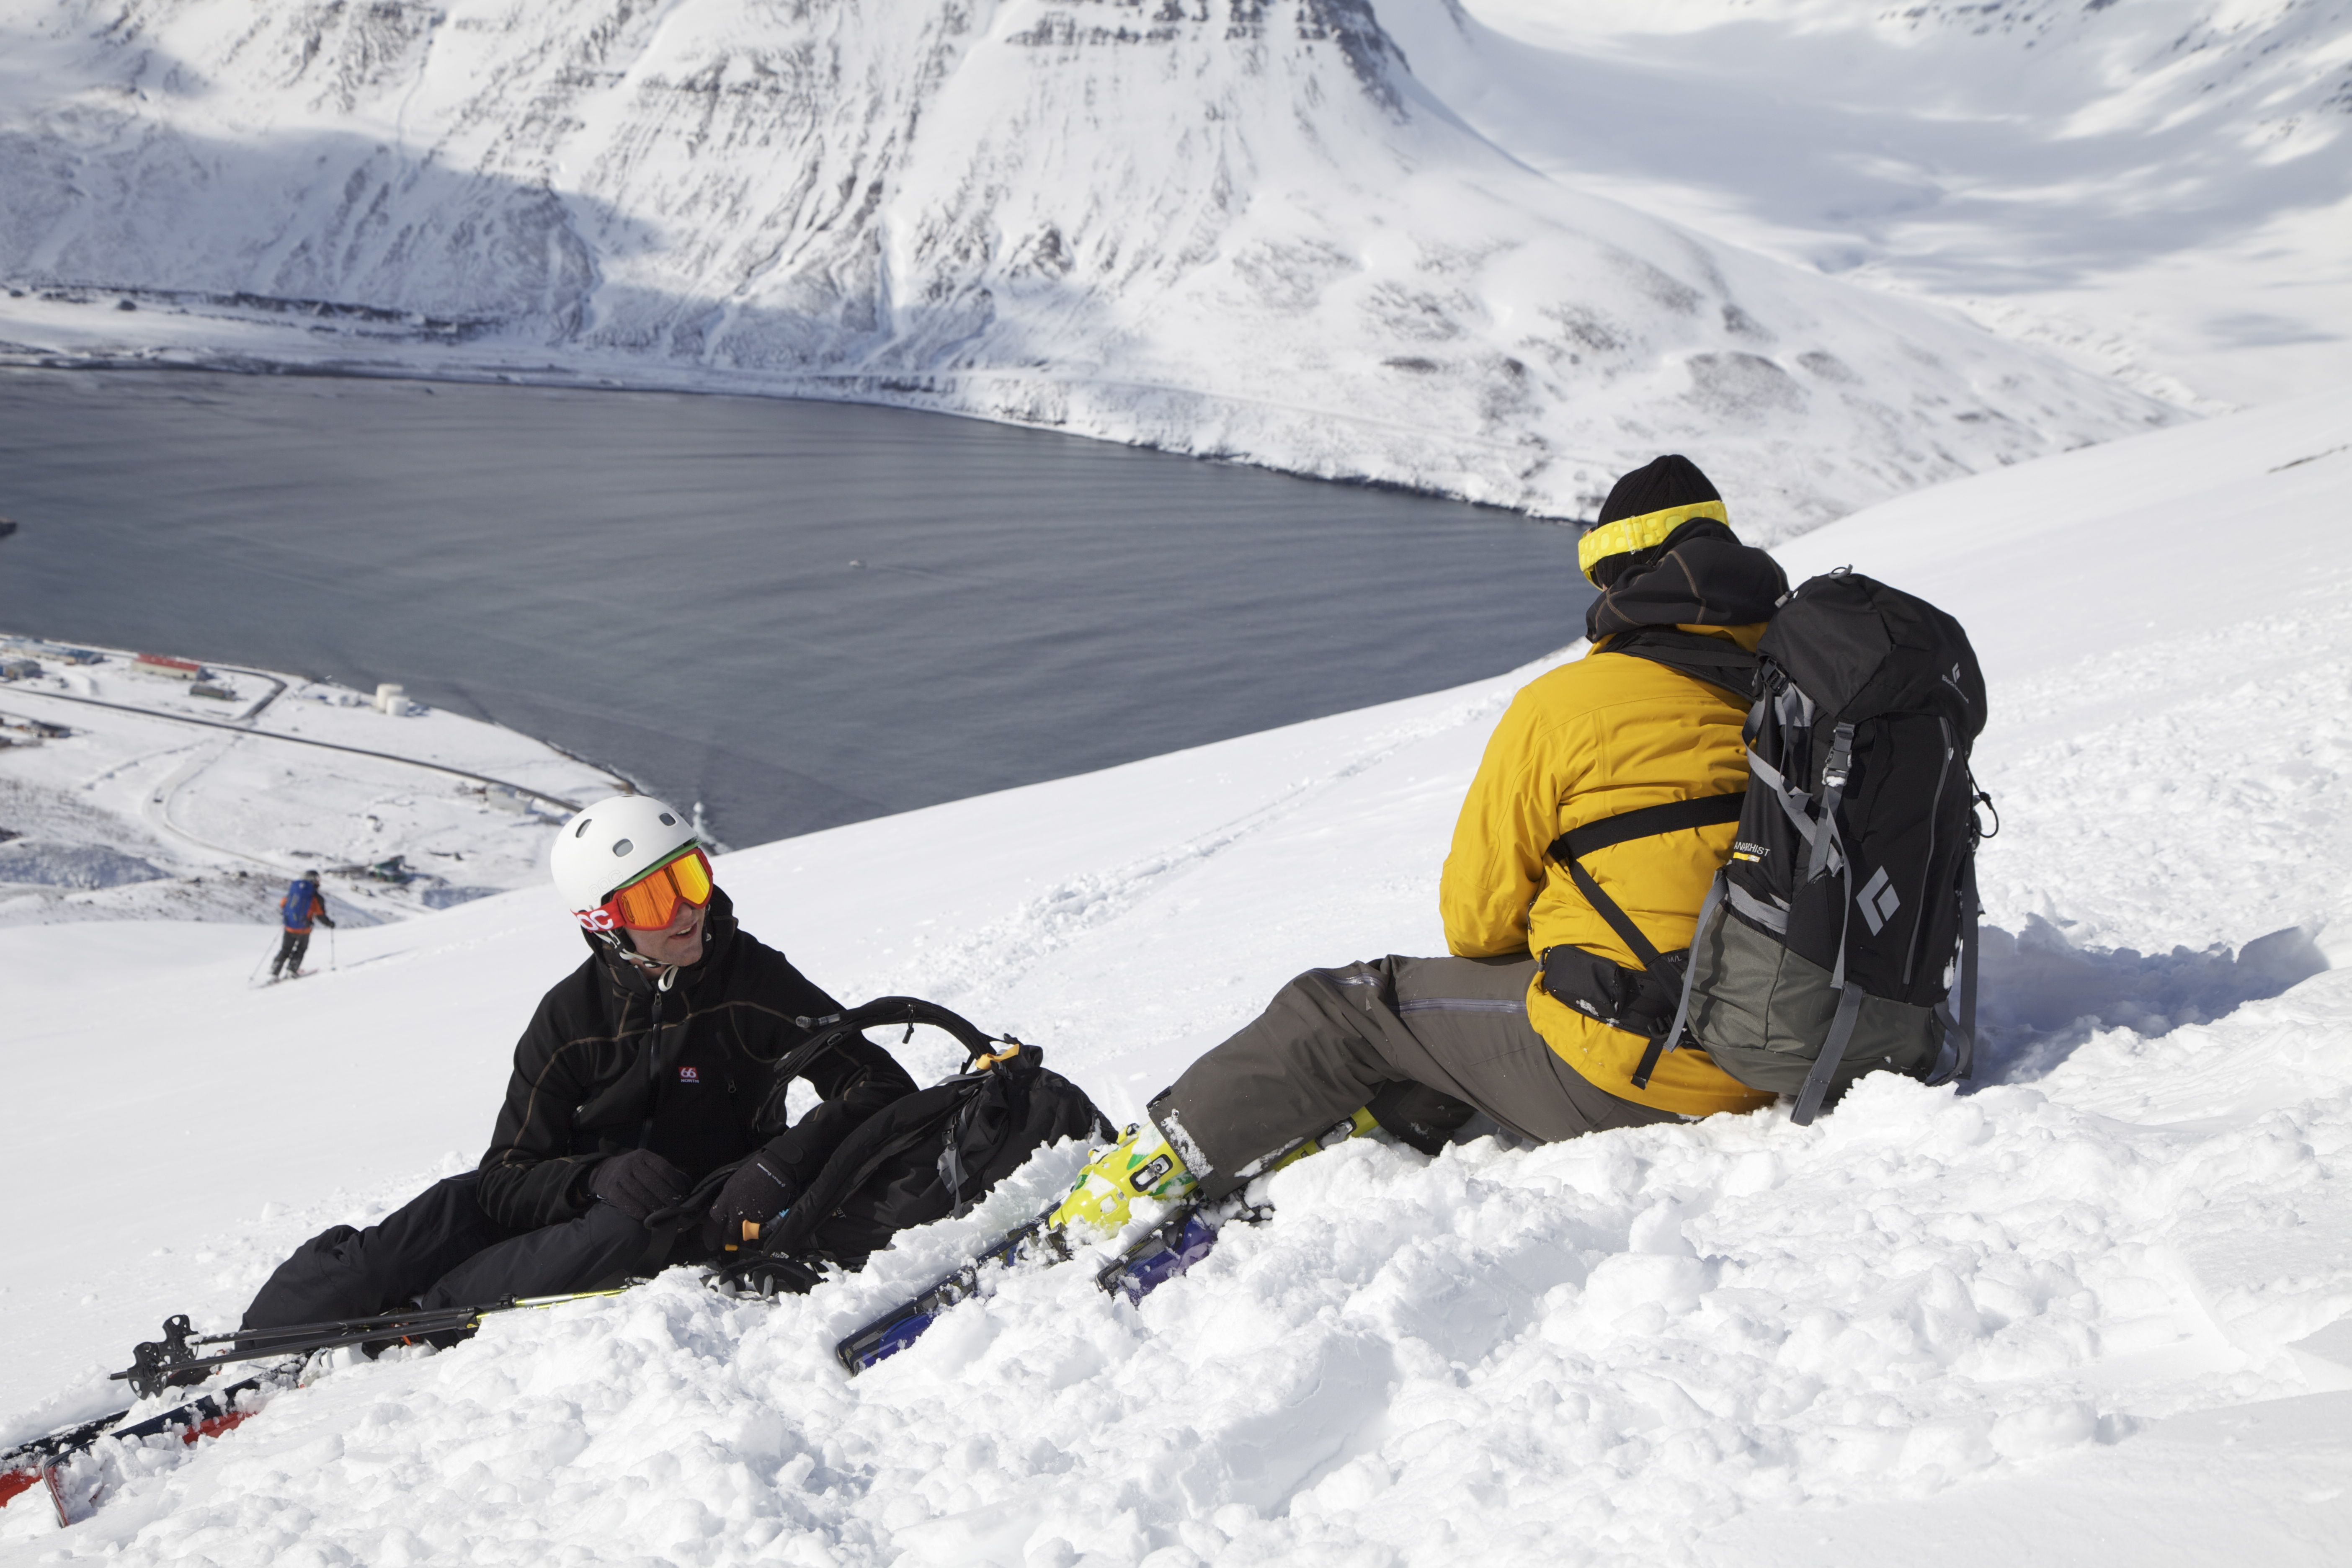 10 Best Jobs in the Ski Industry - #4: Ski Writer